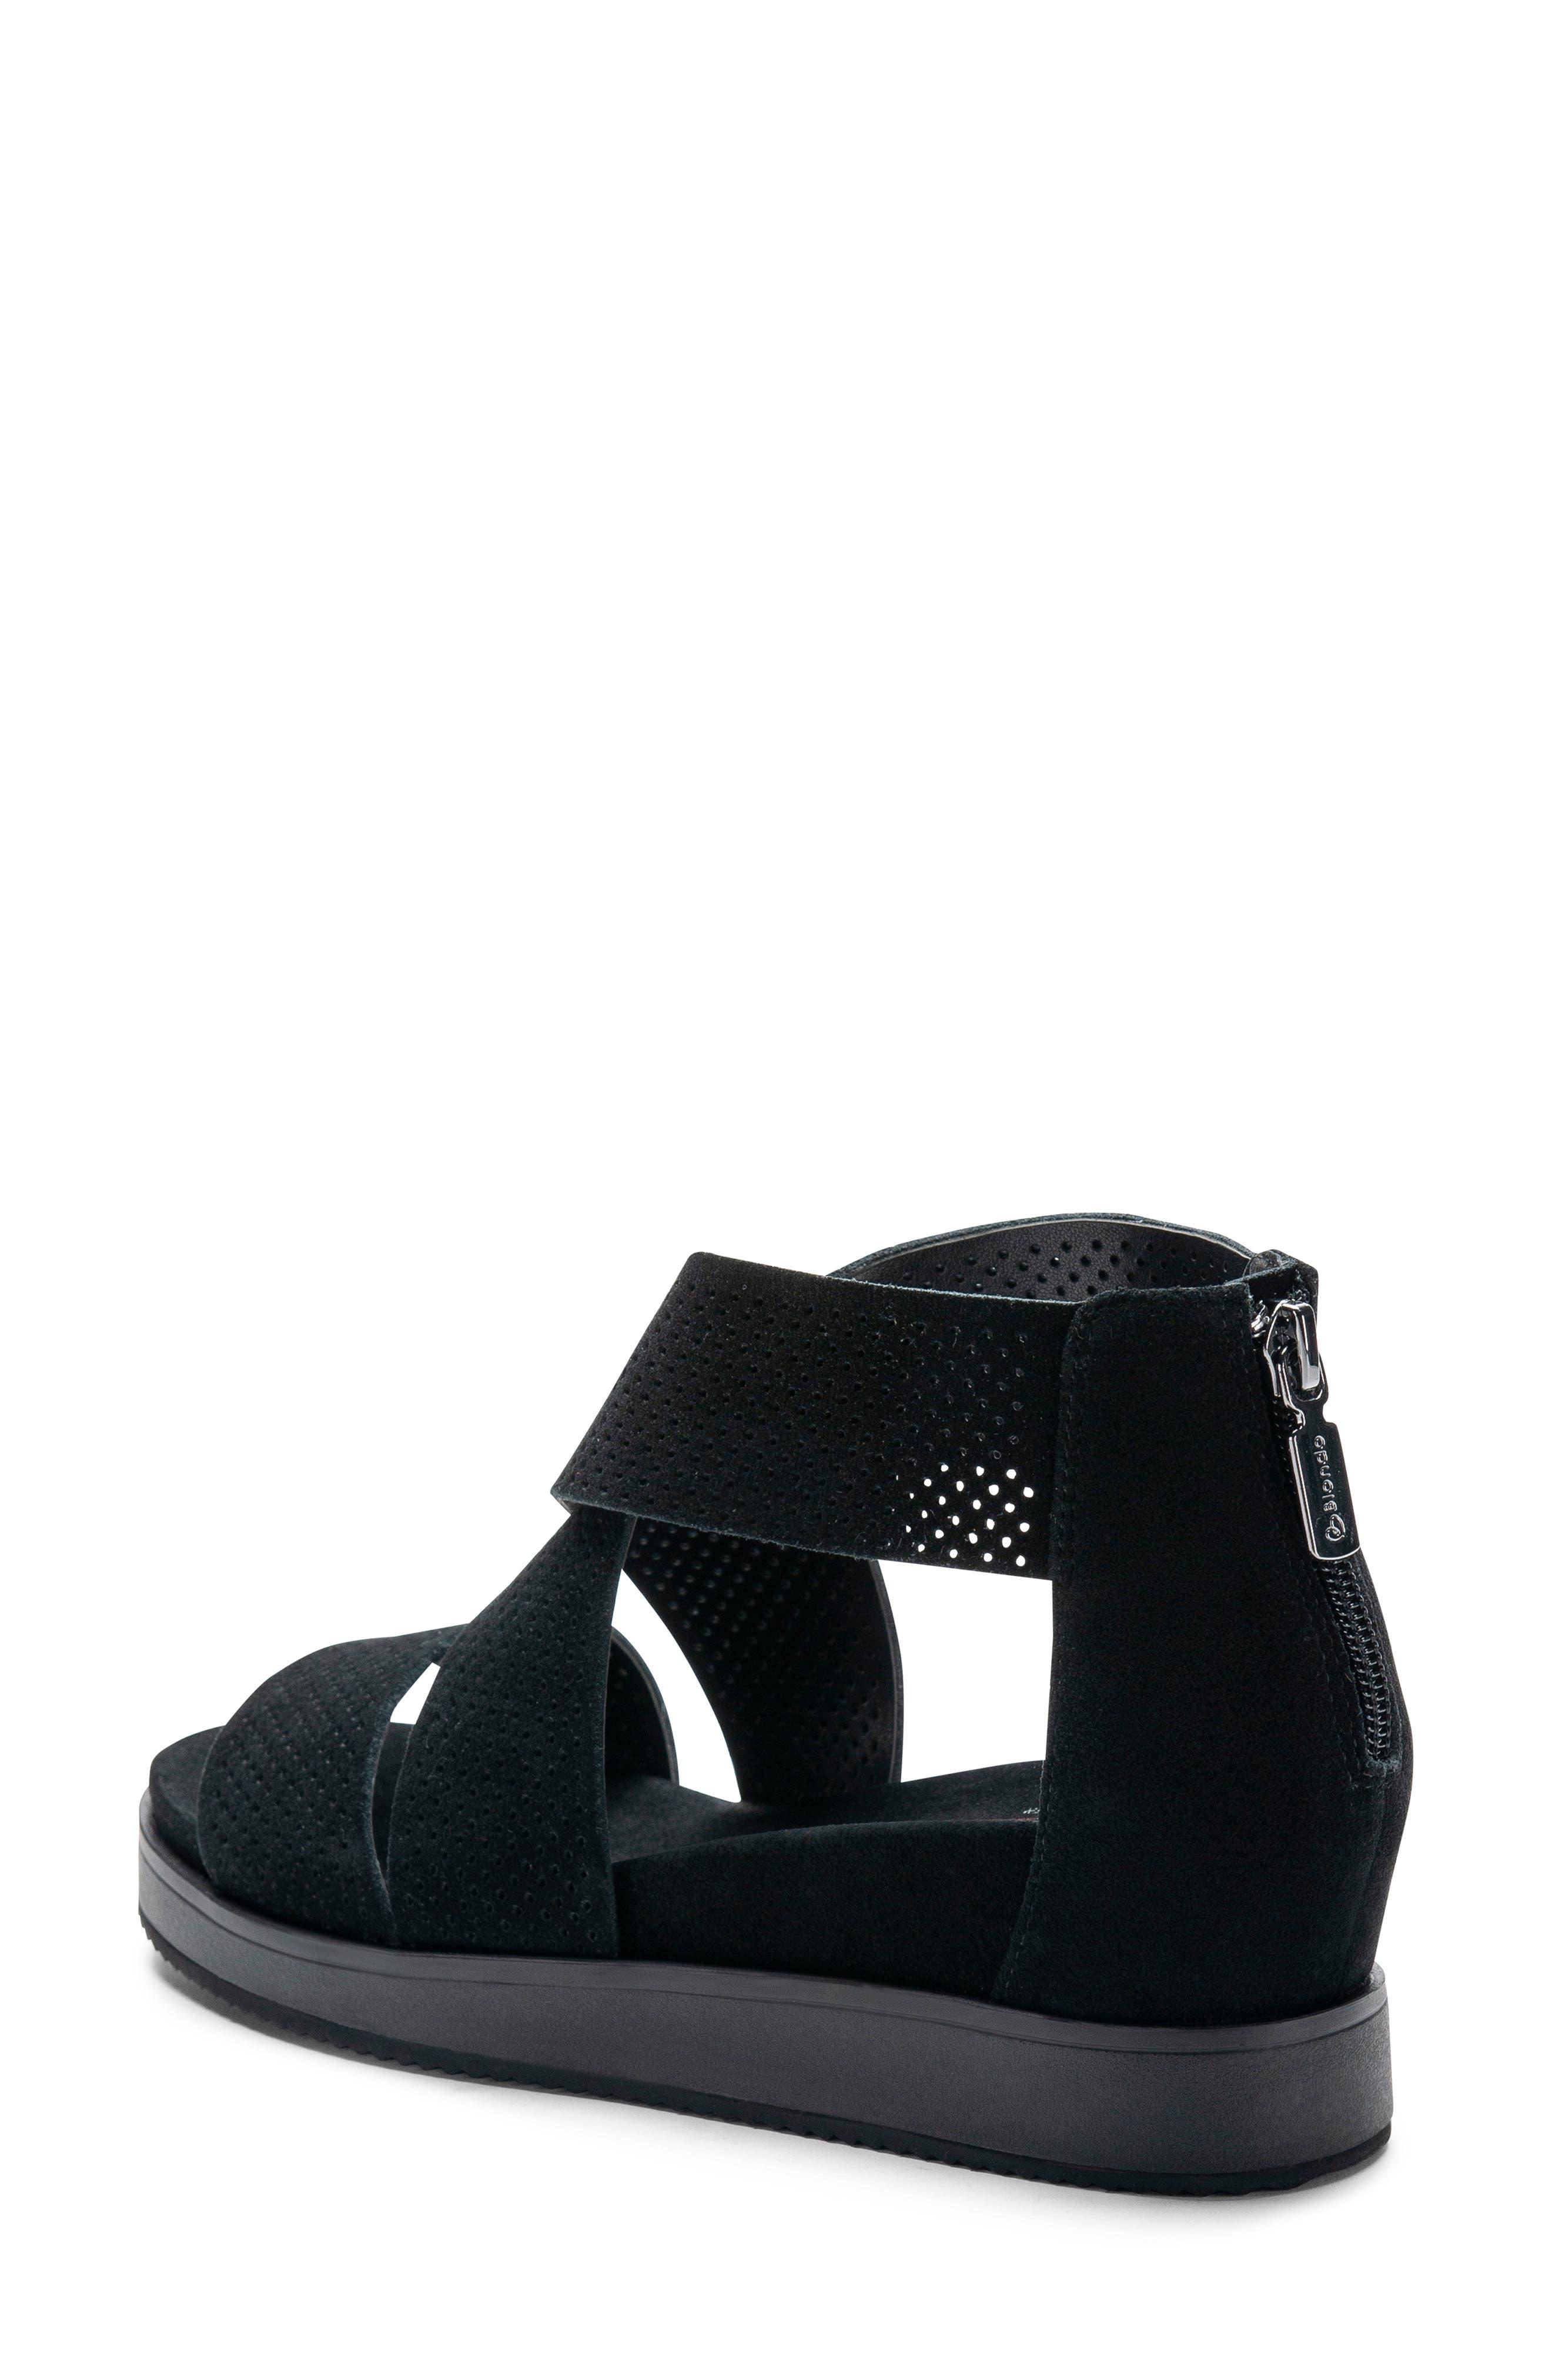 Cassie Waterproof Sandal,                             Alternate thumbnail 2, color,                             BLACK SUEDE